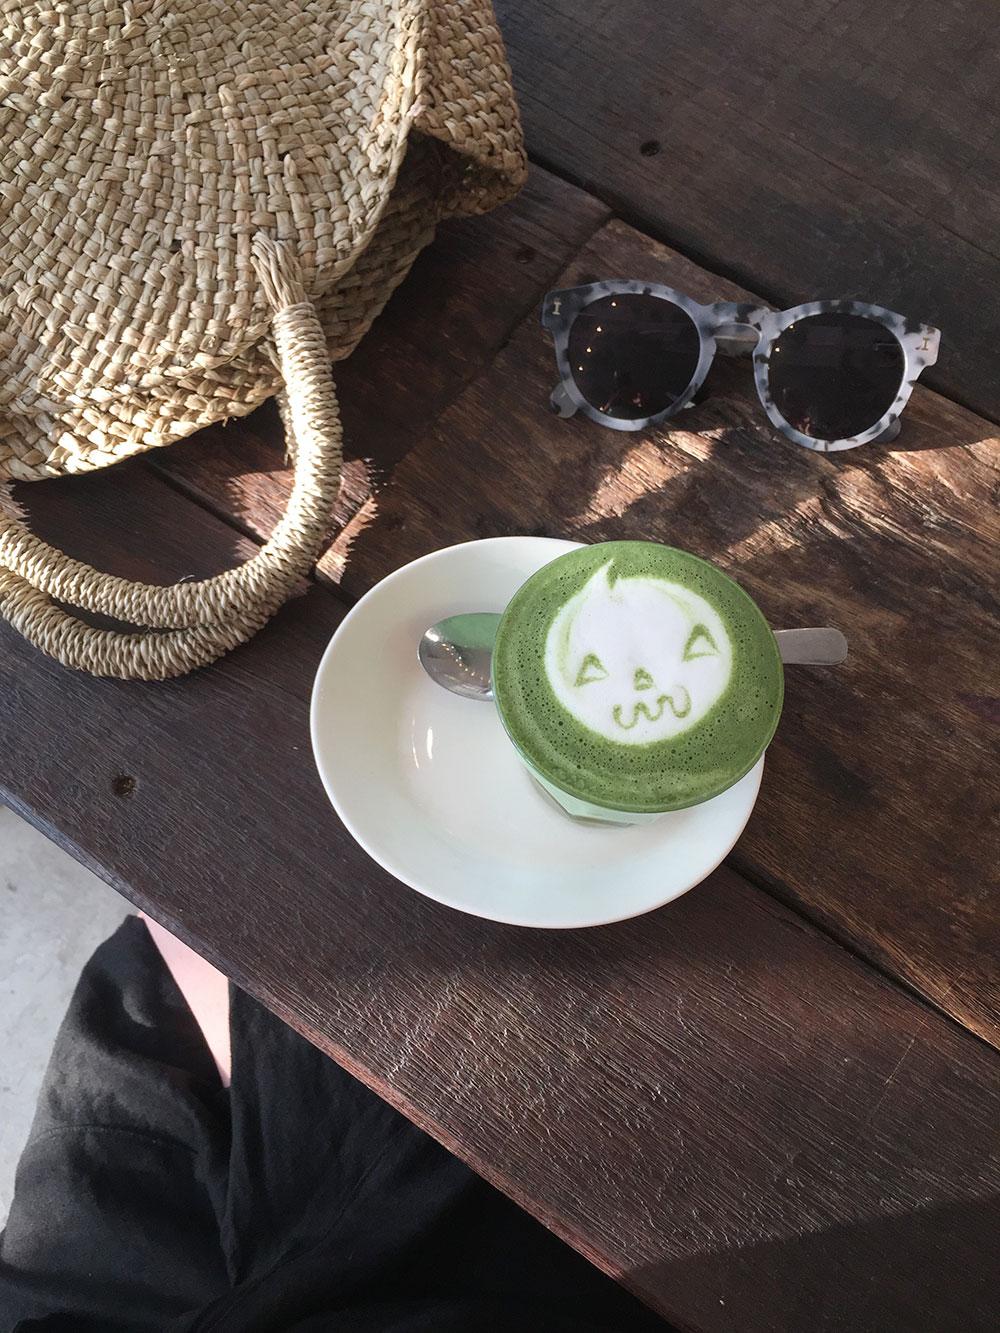 RosyCheeks-Bali-Cafe-Organic-Canggu-Matcha-Latte